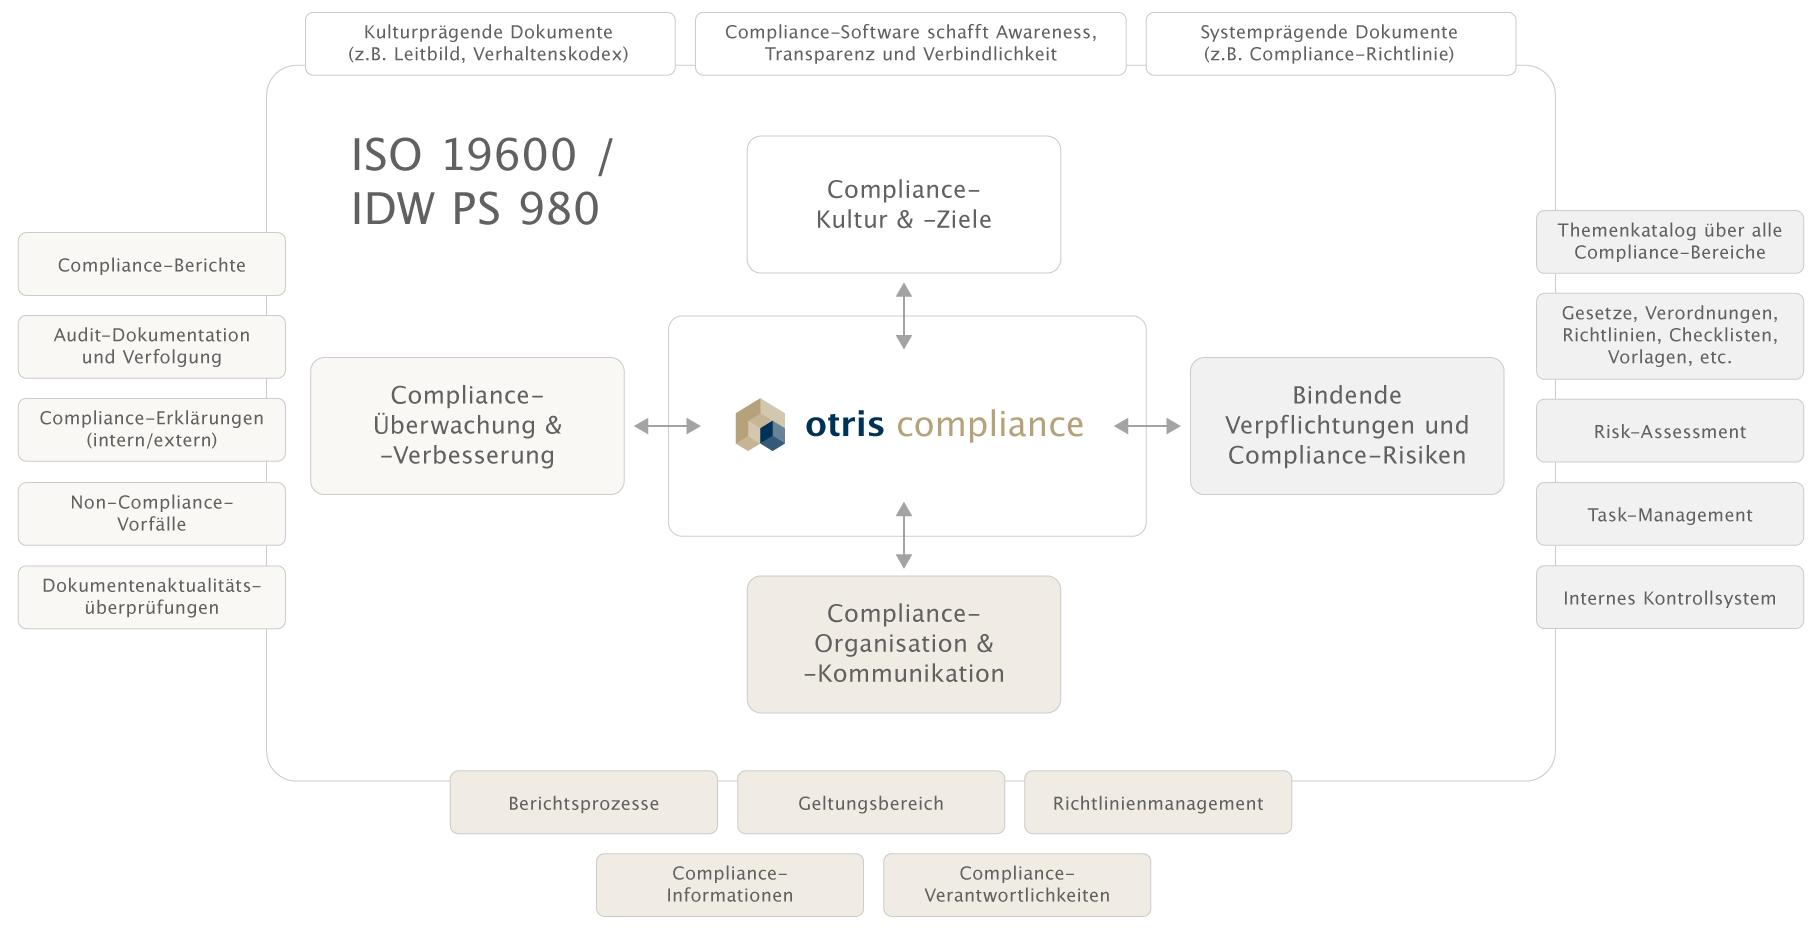 otris compliance - ganzheitliches CMS-Modell